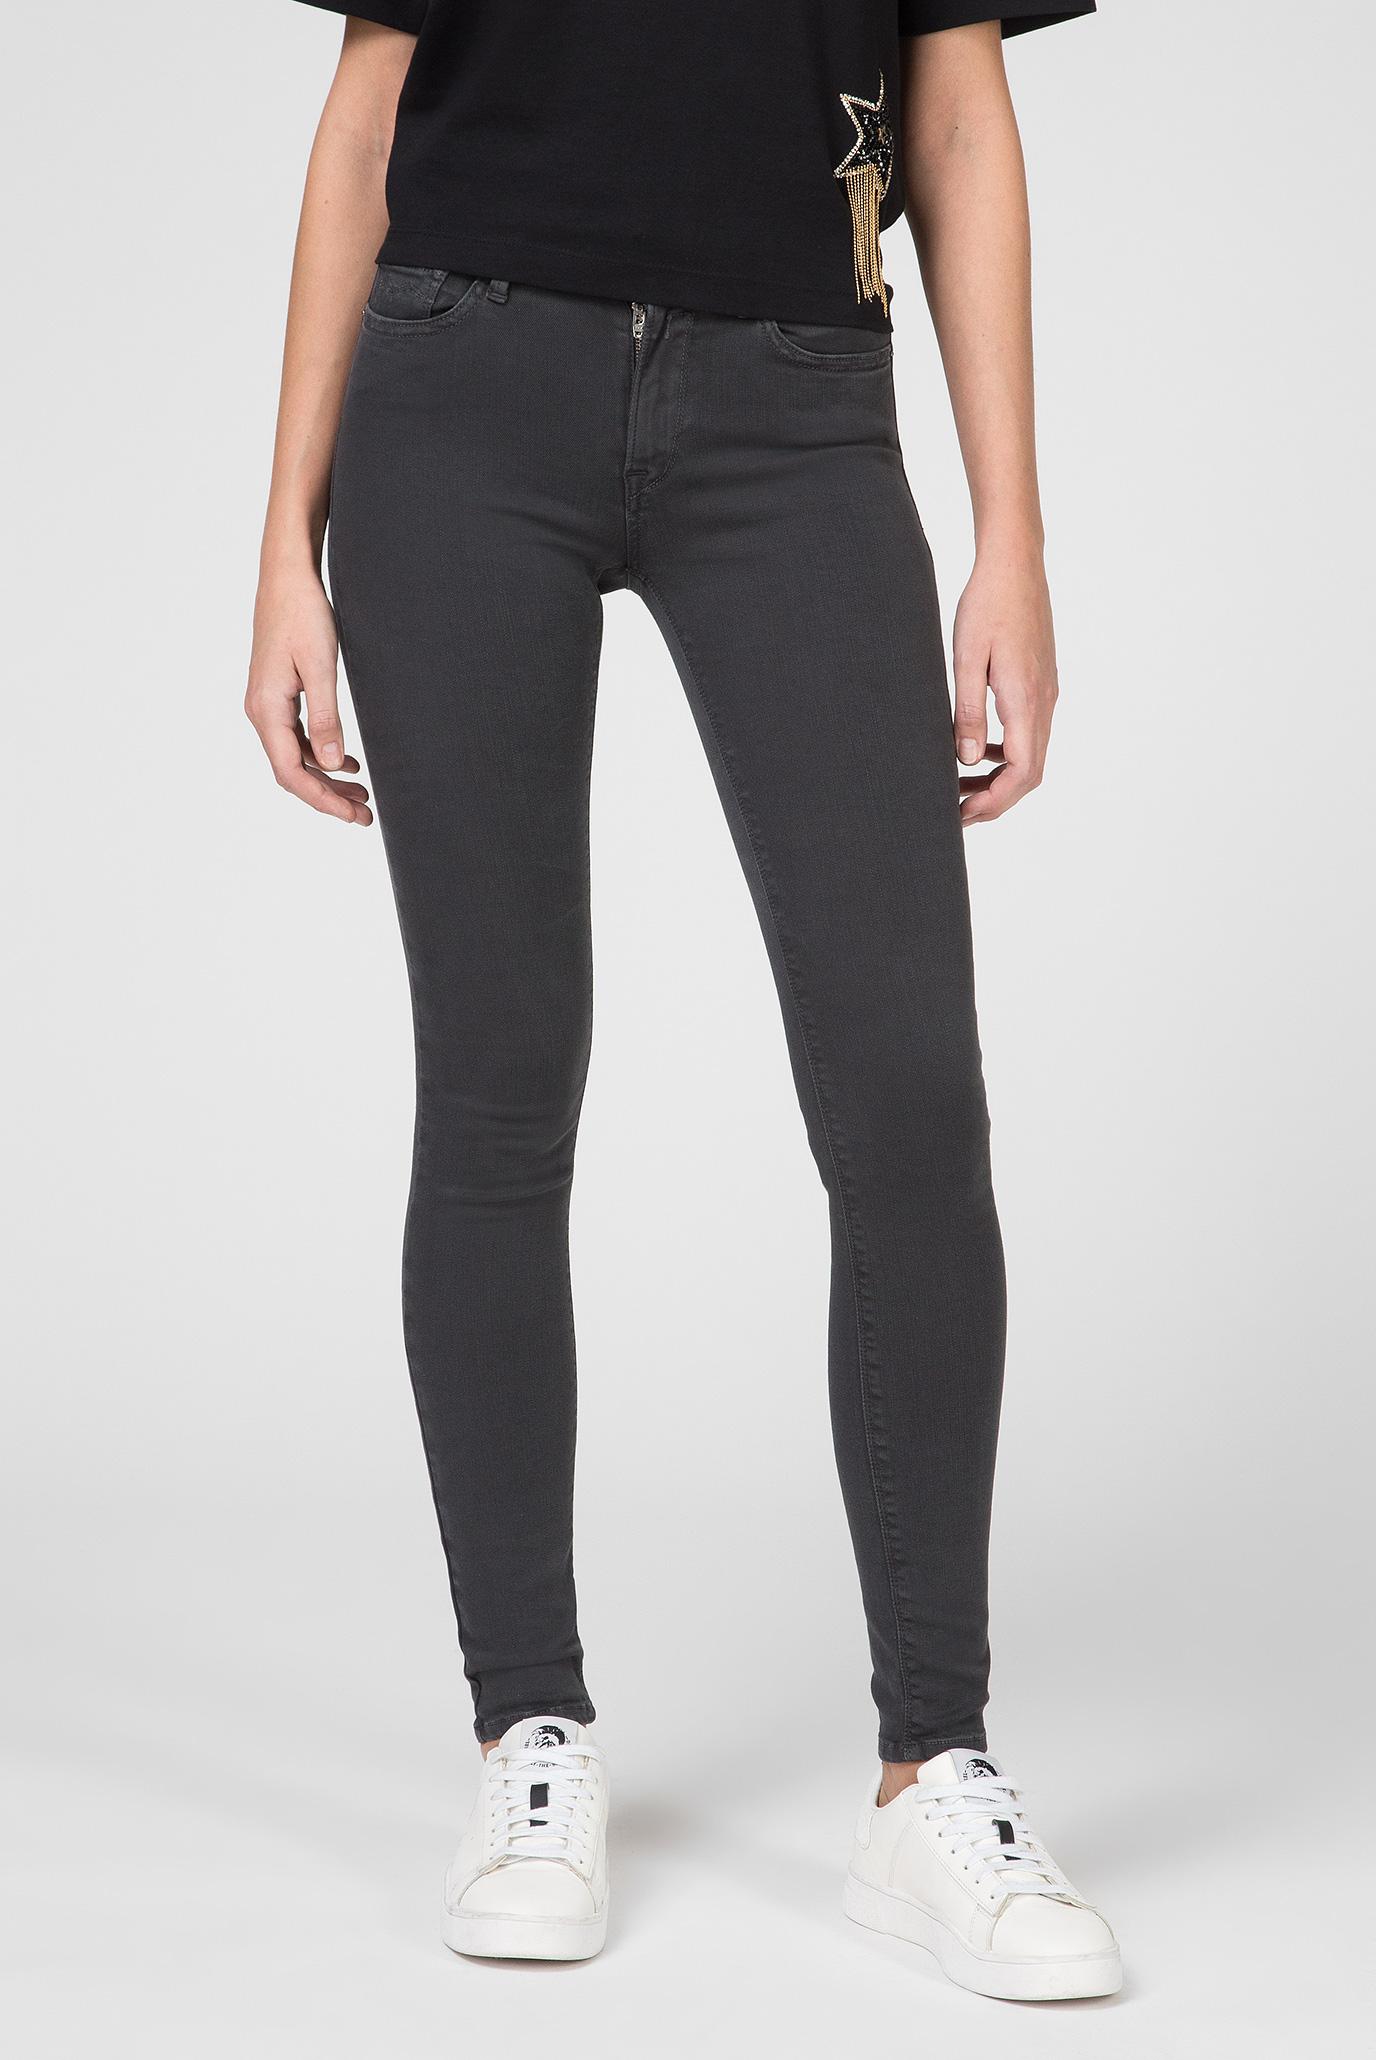 Жіночі темно-сірі джинси NEW LUZ 1